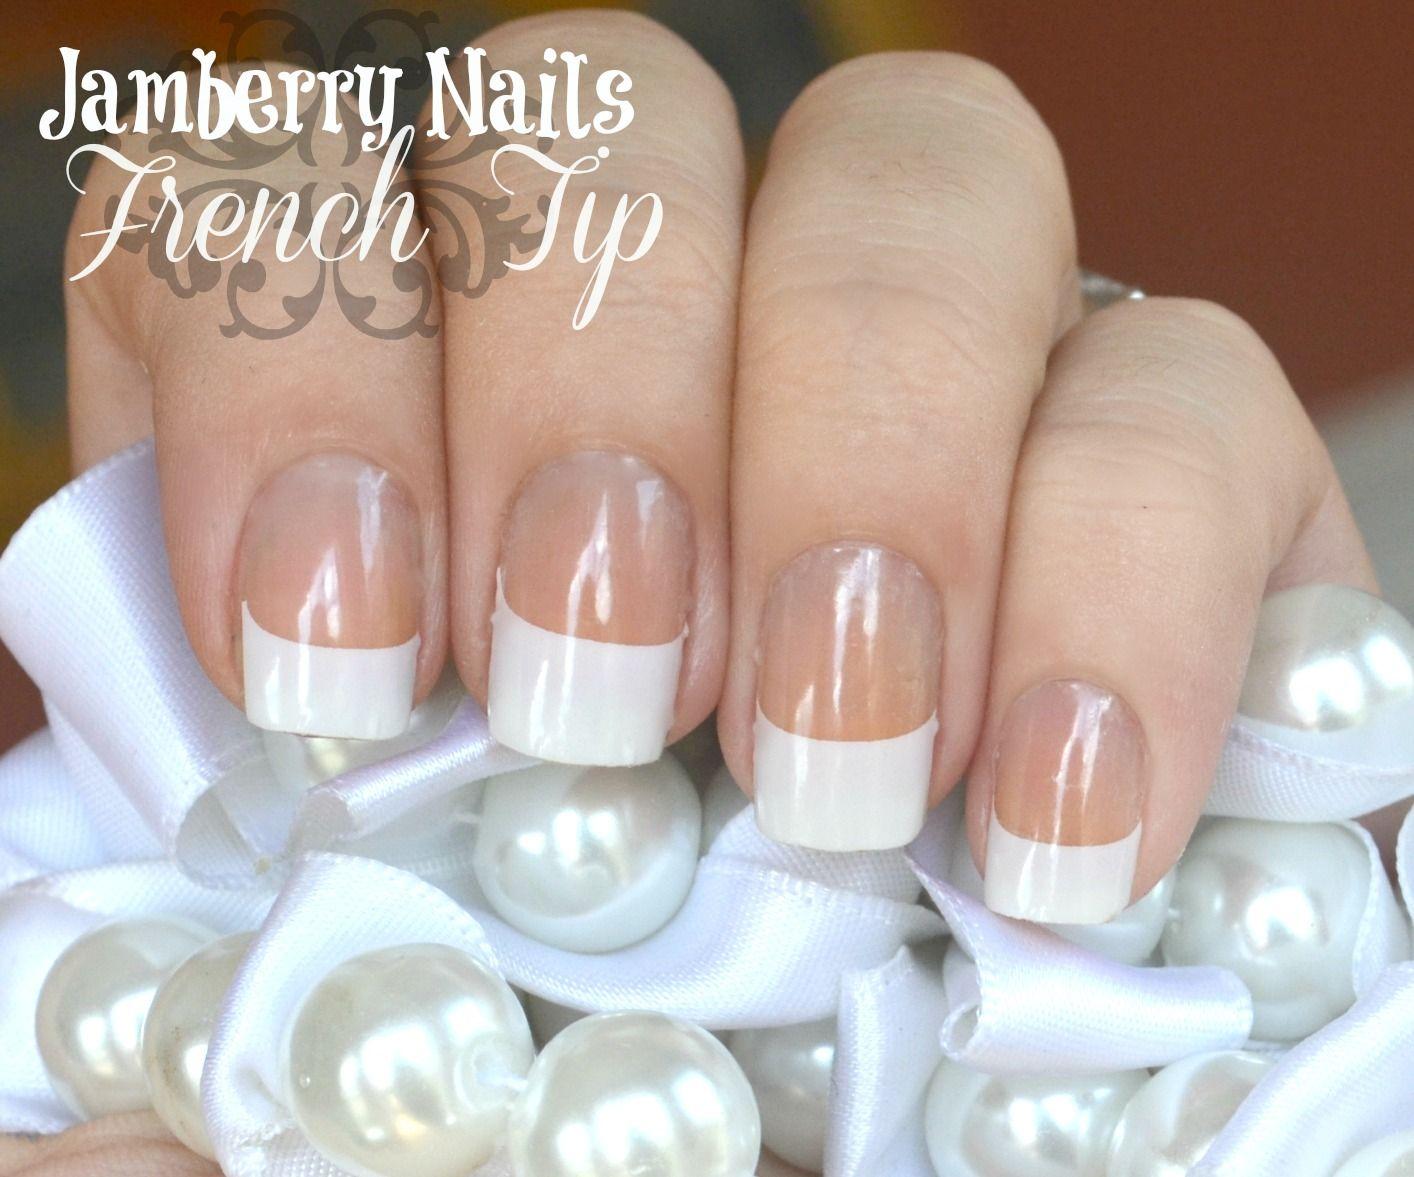 My Nail Graffiti: Jamberry www.mhogsett.jamberrynails.net | Wedding ...